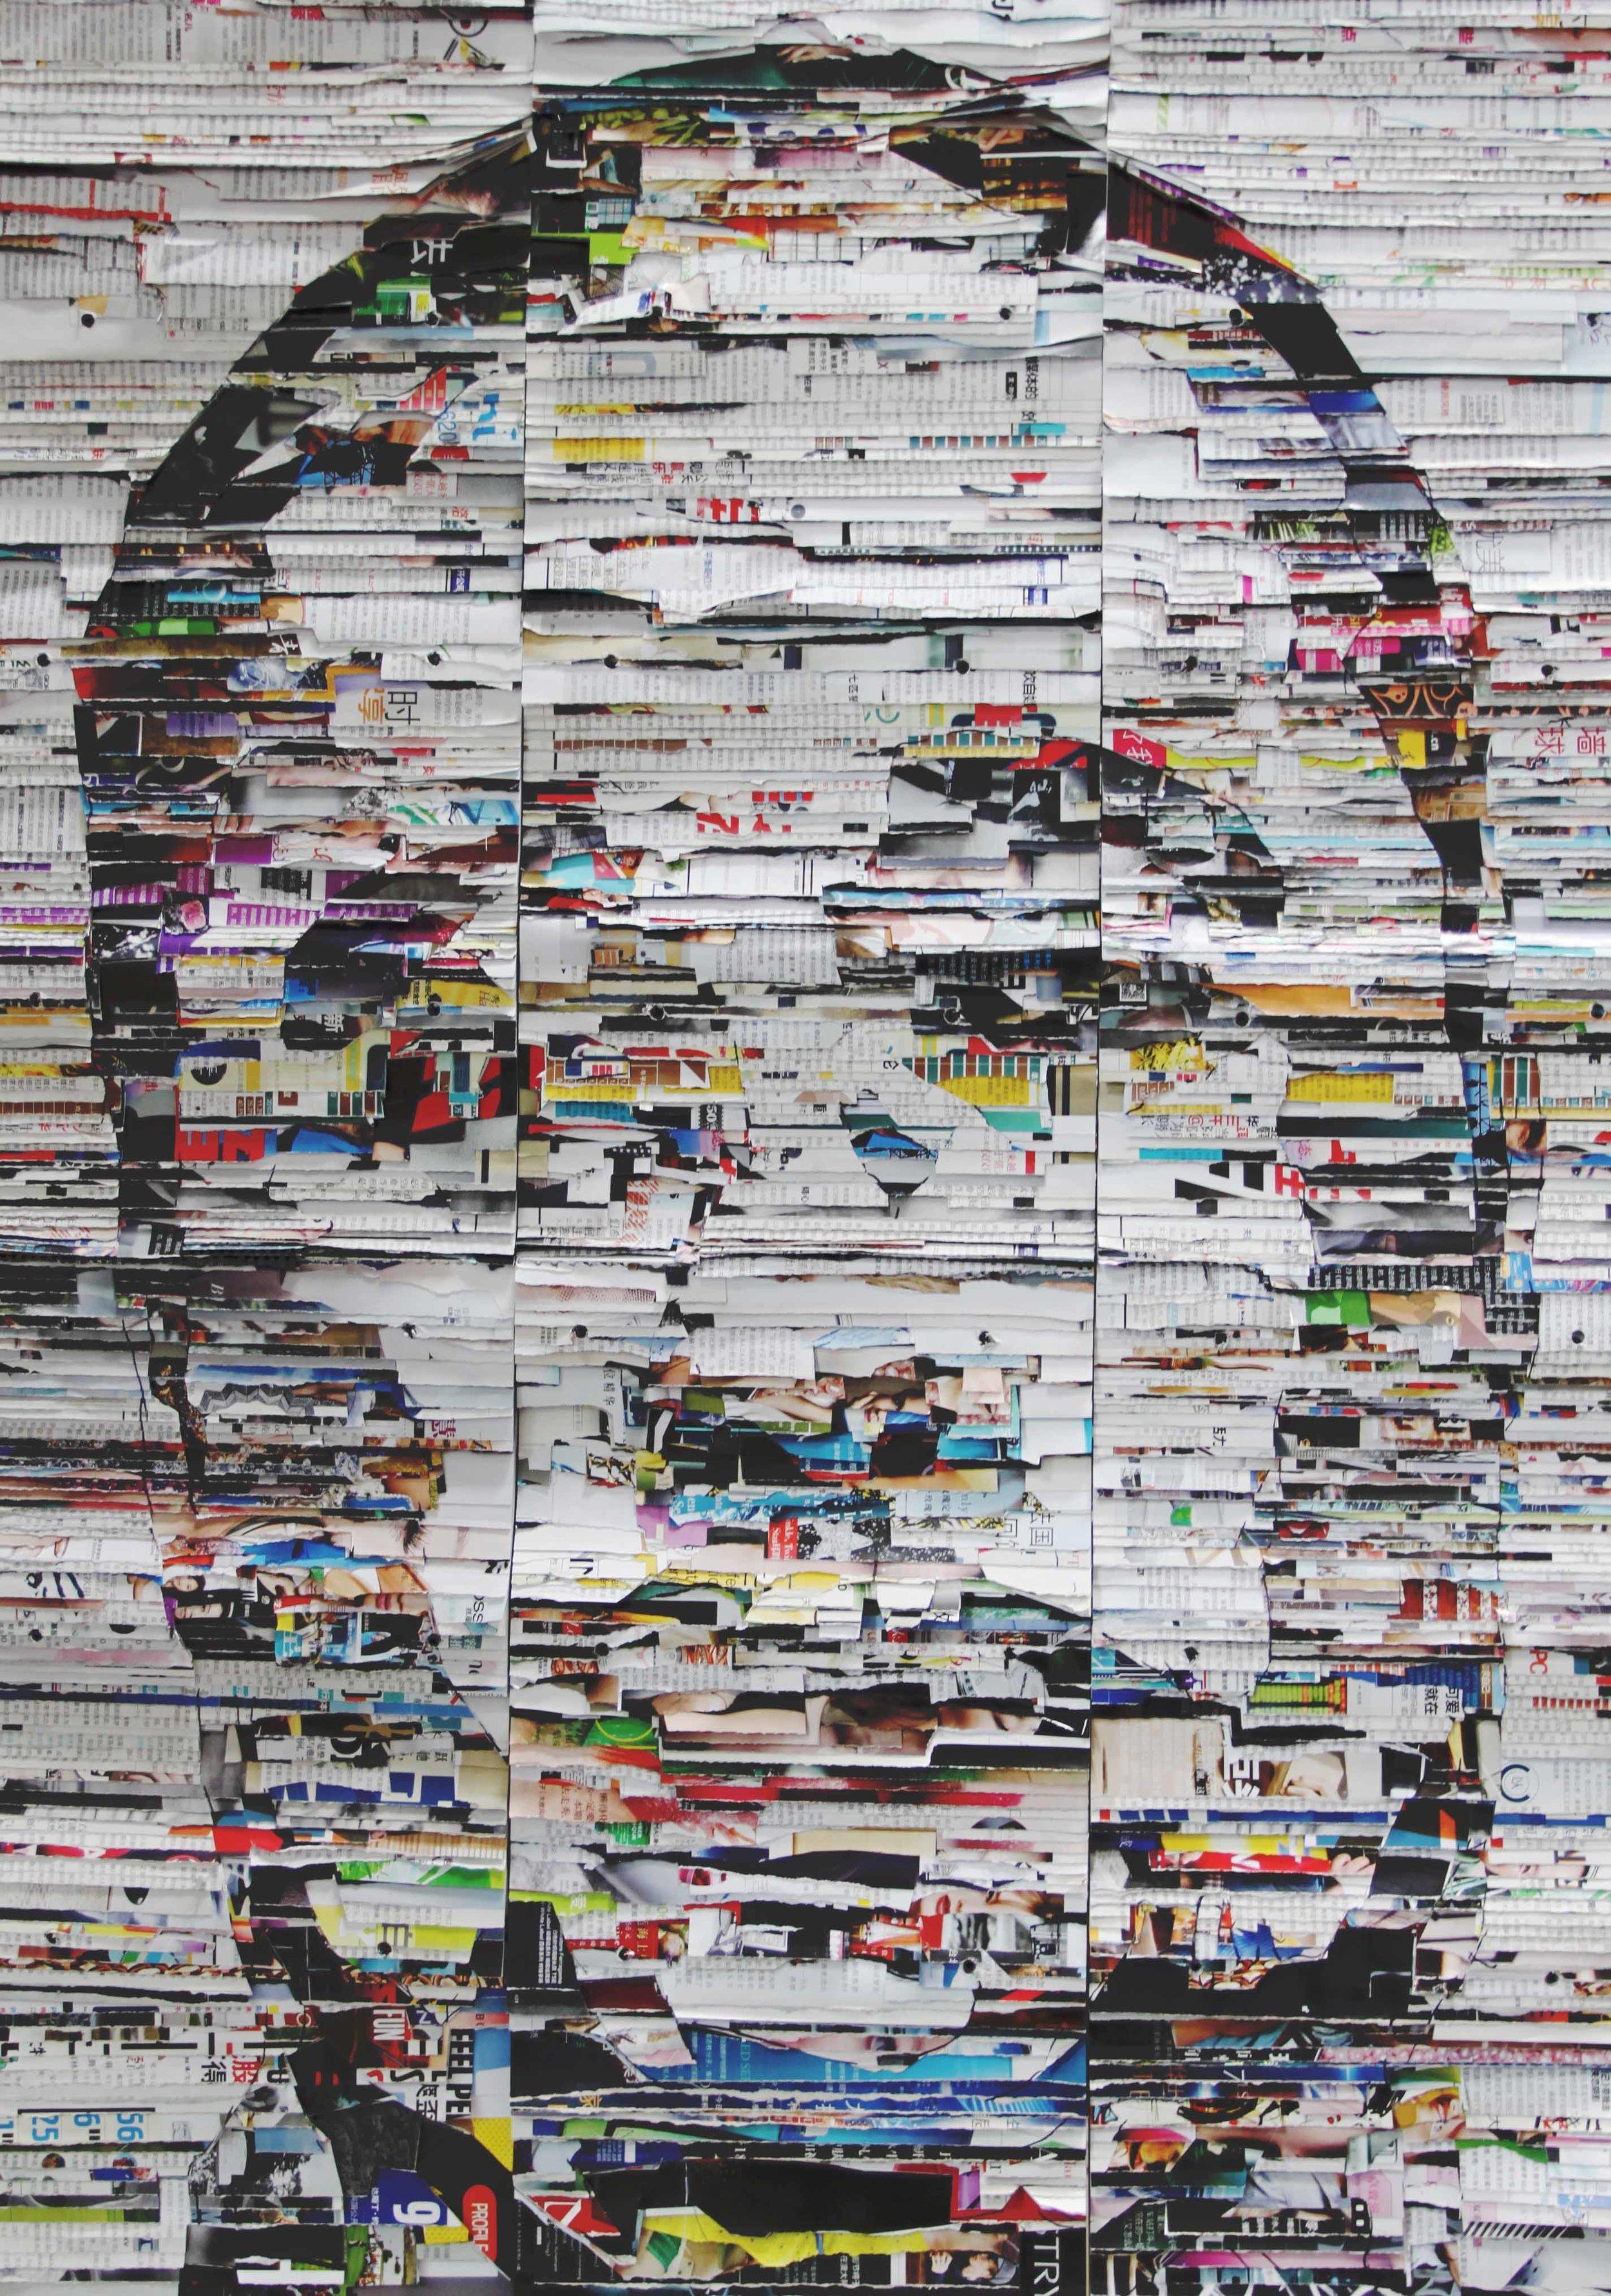 李枪,《暗礁人像1号》,2017年。媒体杂志,扎带,114cm x 83cm x 4cm。图片由艺术家提供。